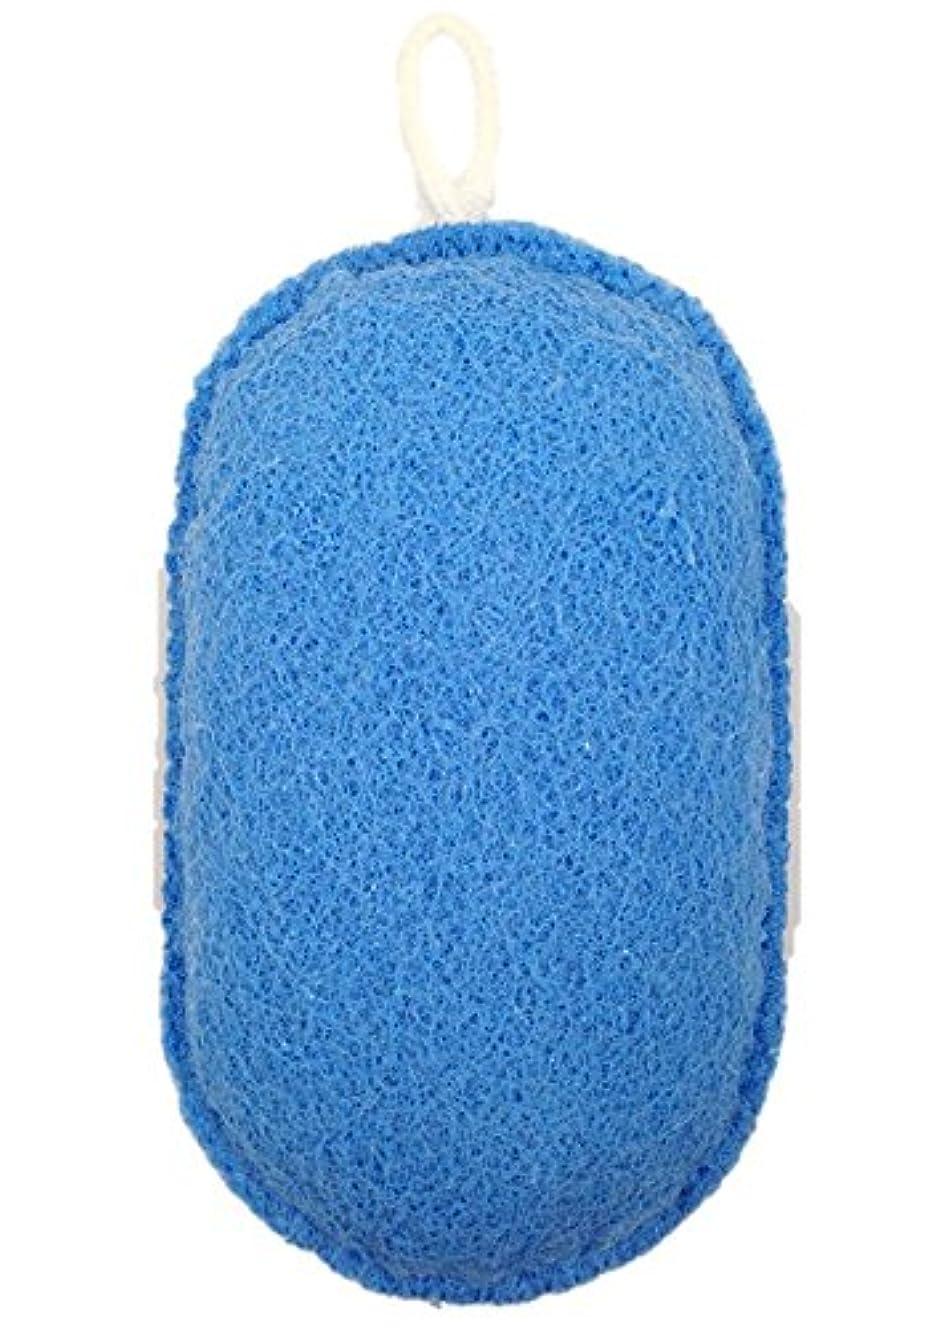 幻滅する休憩する助手オーエ ボディスポンジ ブルー 約縦14.5×横9.5×奥行5cm nf ヘチマボール 体洗い 泡立ち